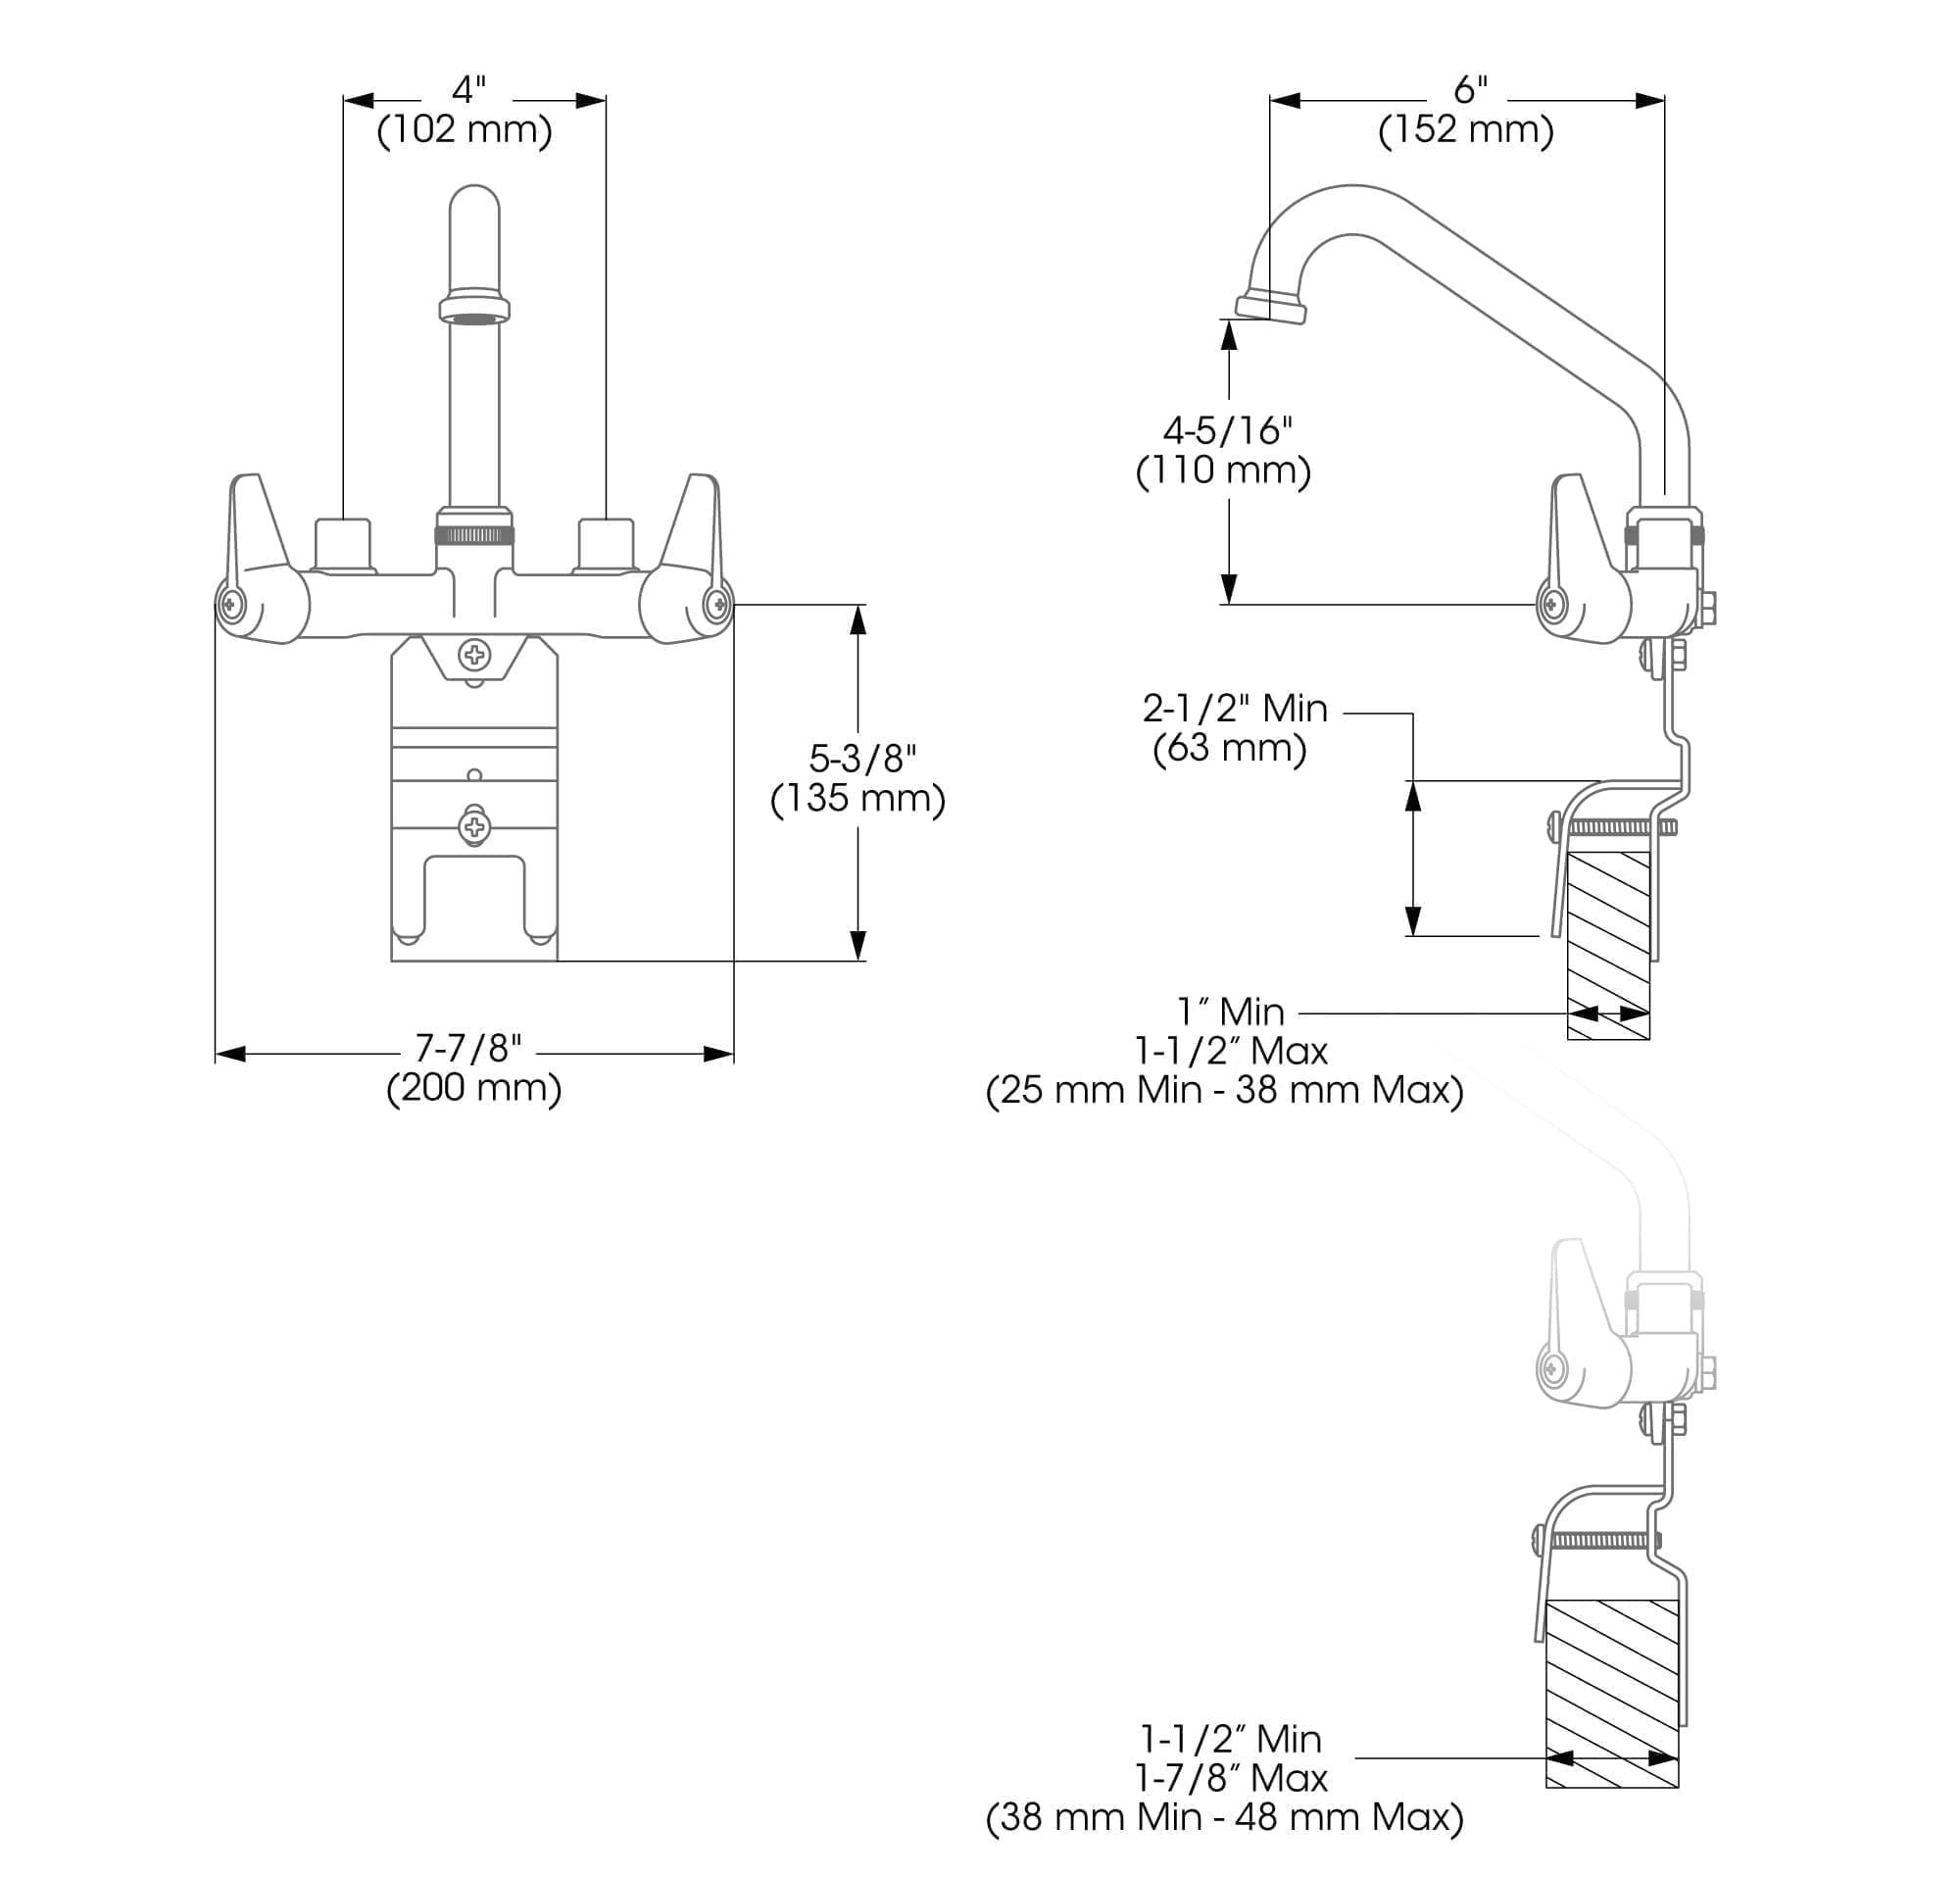 TD_7021.jpg - Vue technique